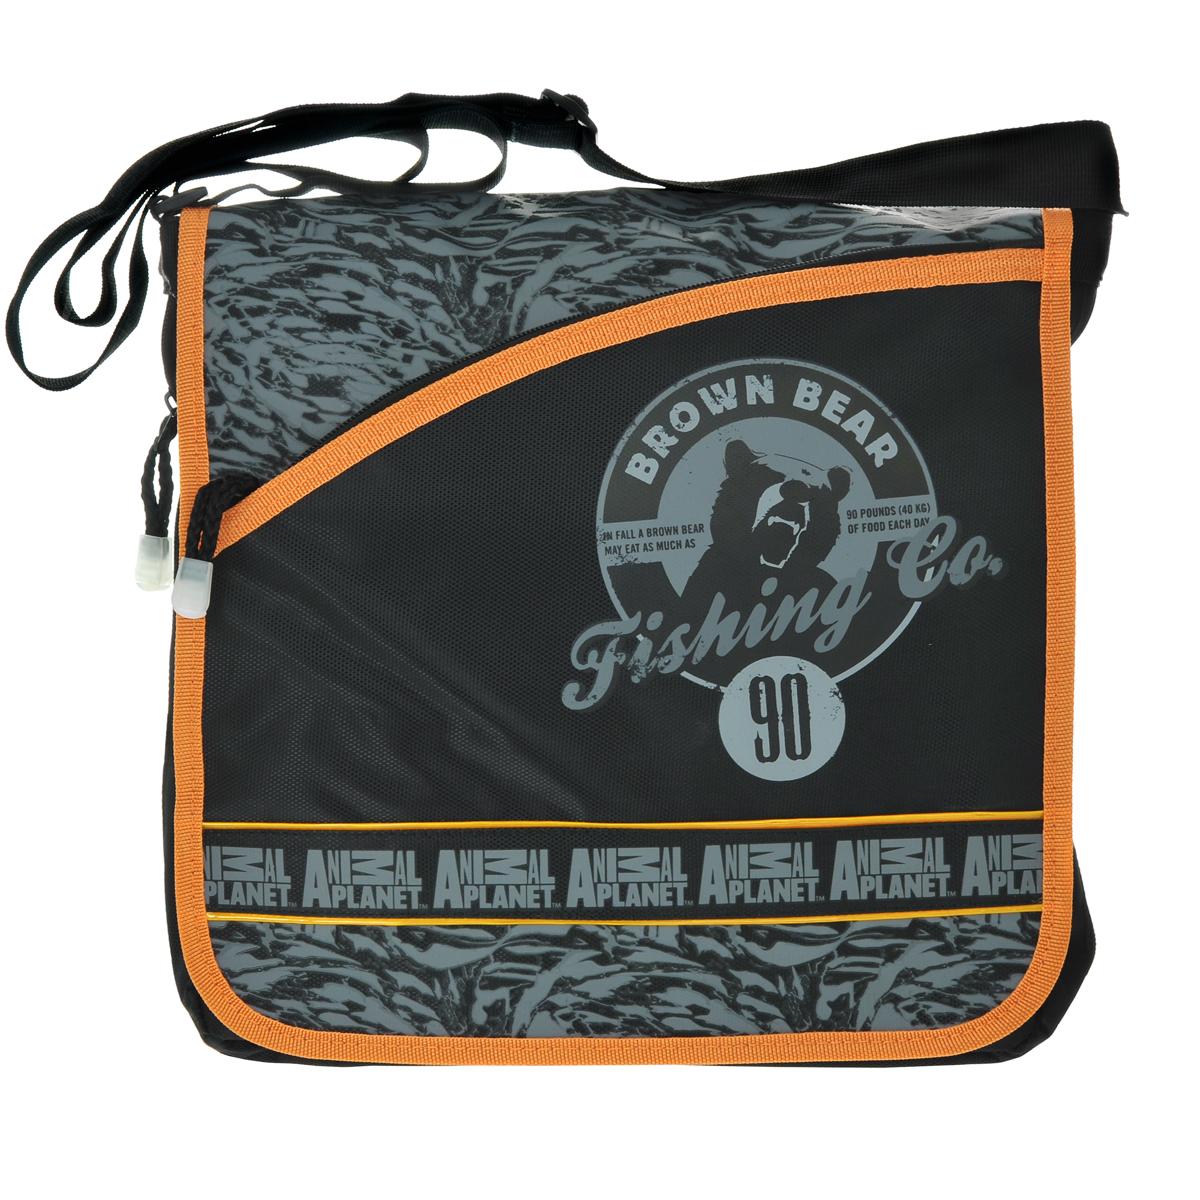 Сумка молодежная Action! Animal Planet, цвет: черный, серый, оранжевыйAP-AB12000/2Стильная молодежная сумка Action! Animal Planet выполнена из плотного полиэстера и оформлена декоративными термоаппликациями. Сумка содержит одно отделение, закрывающееся на застежку-молнию и сверху клапаном на липучках. Внутри отделения расположены разделитель на липучке и небольшой кармашек, закрывающийся на застежку-молнию. Под клапаном находится большой карман, внутри которого расположен небольшой кармашек без застежки, кармашек для карточек или визиток и три кармашка для пишущих принадлежностей. На клапане расположен внешний прорезной карман, закрывающийся на застежку-молнию. На тыльной стороне сумки также находится прорезной карман на застежке-молнии. По бокам и нижнему краю сумки расположена застежка-молния, расстегнув которую можно увеличить ширину сумки. Сумка оснащена текстильным ремнем для переноски на плече, регулирующимся по длине.